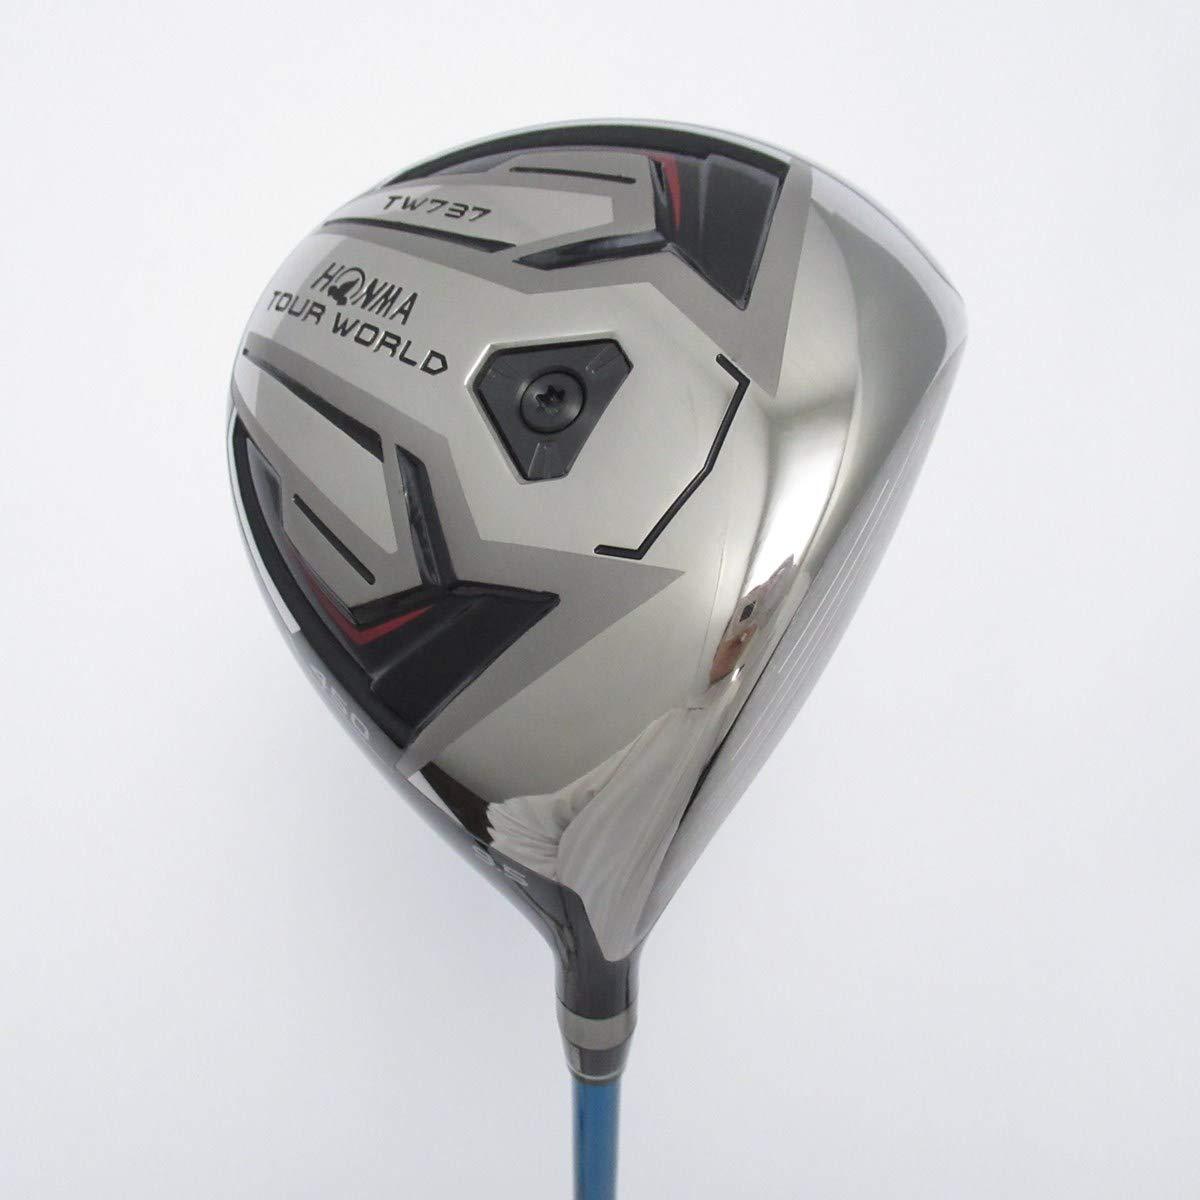 【中古】本間ゴルフ TOUR WORLD ツアーワールド TW737 450 ドライバー VIZARD EX-Z65 S  B07PMCB73F